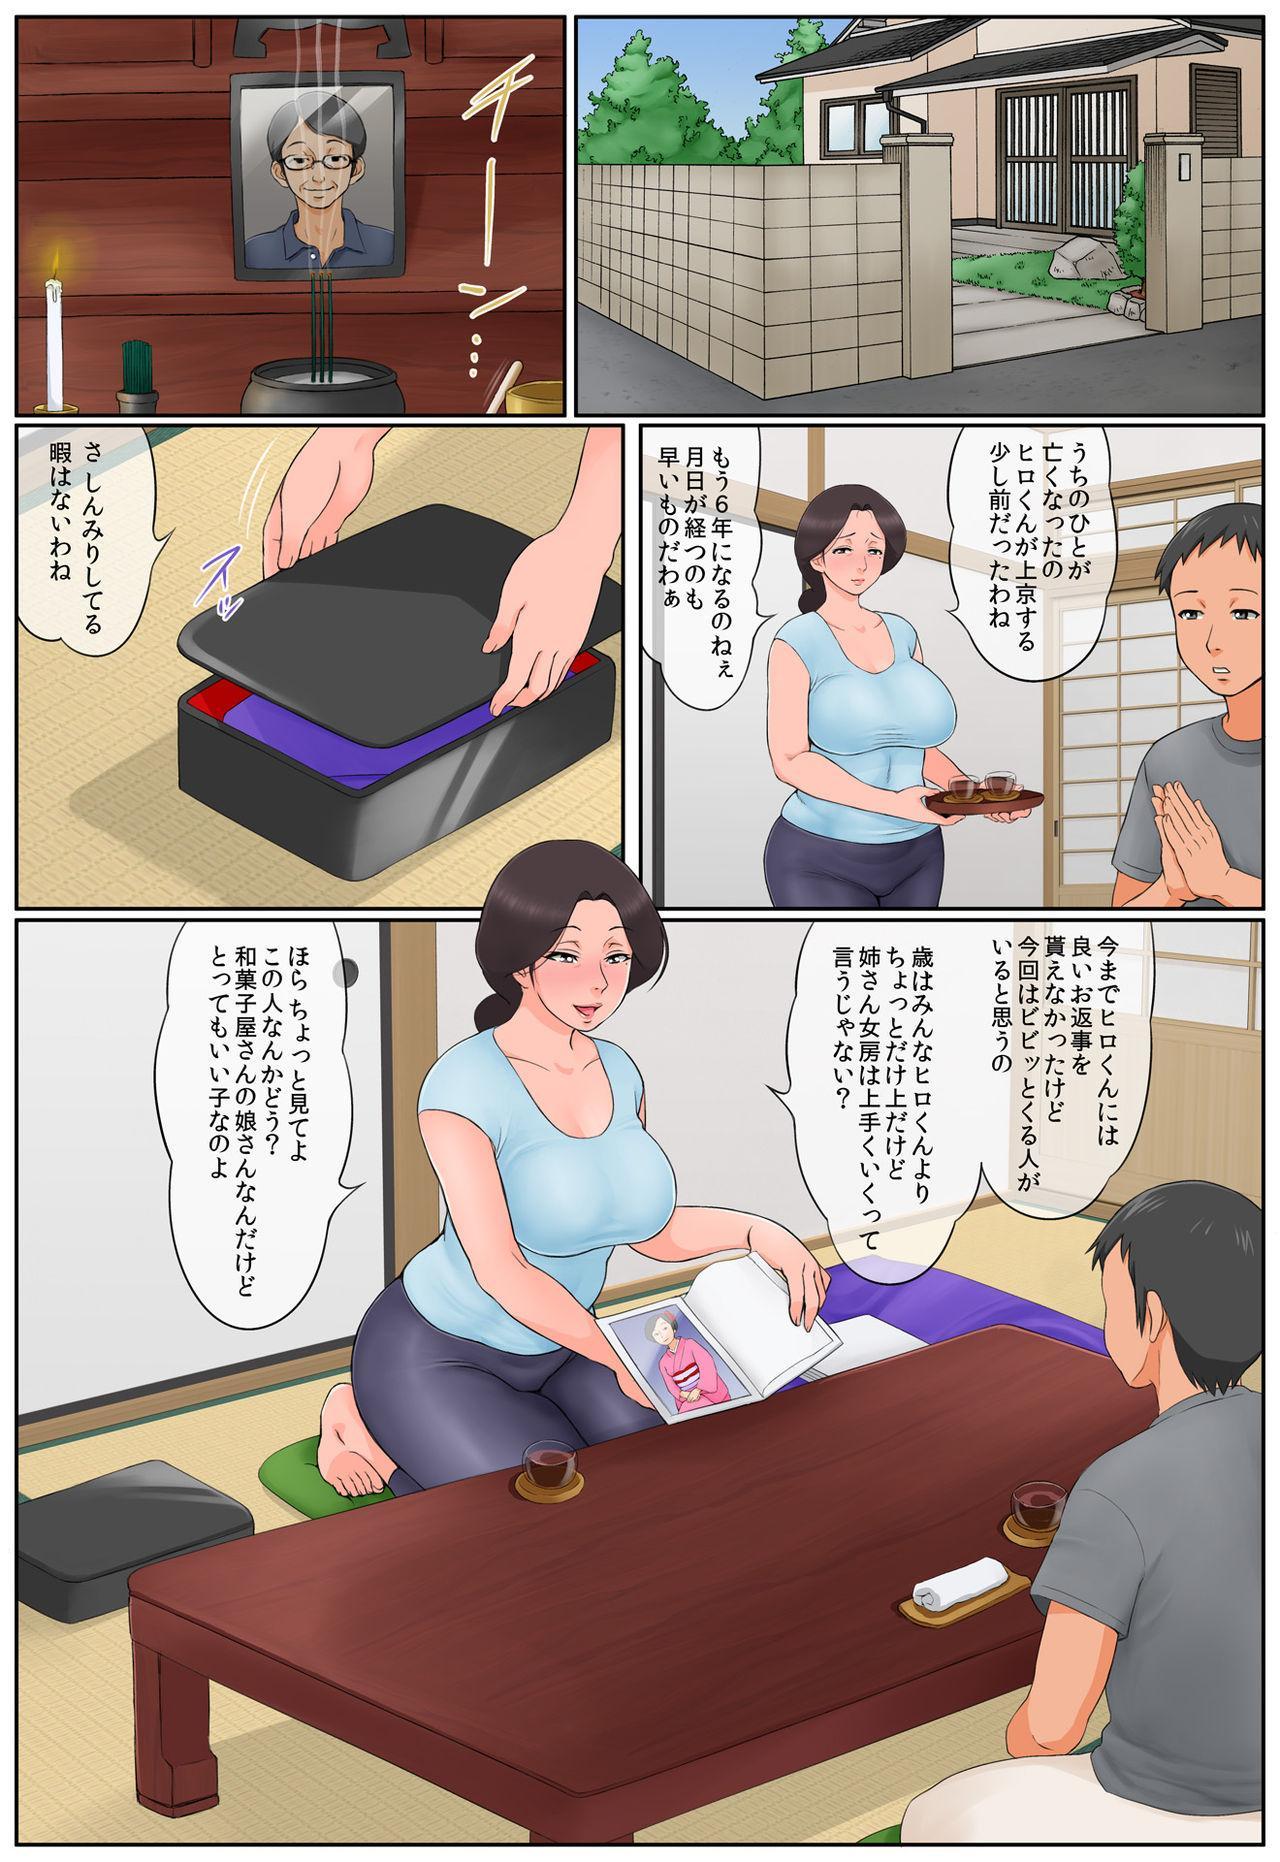 Chiisai koro kara Osewa ni natte iru Kinjo no Oba-san o Otoshite Tanetsuke! 5